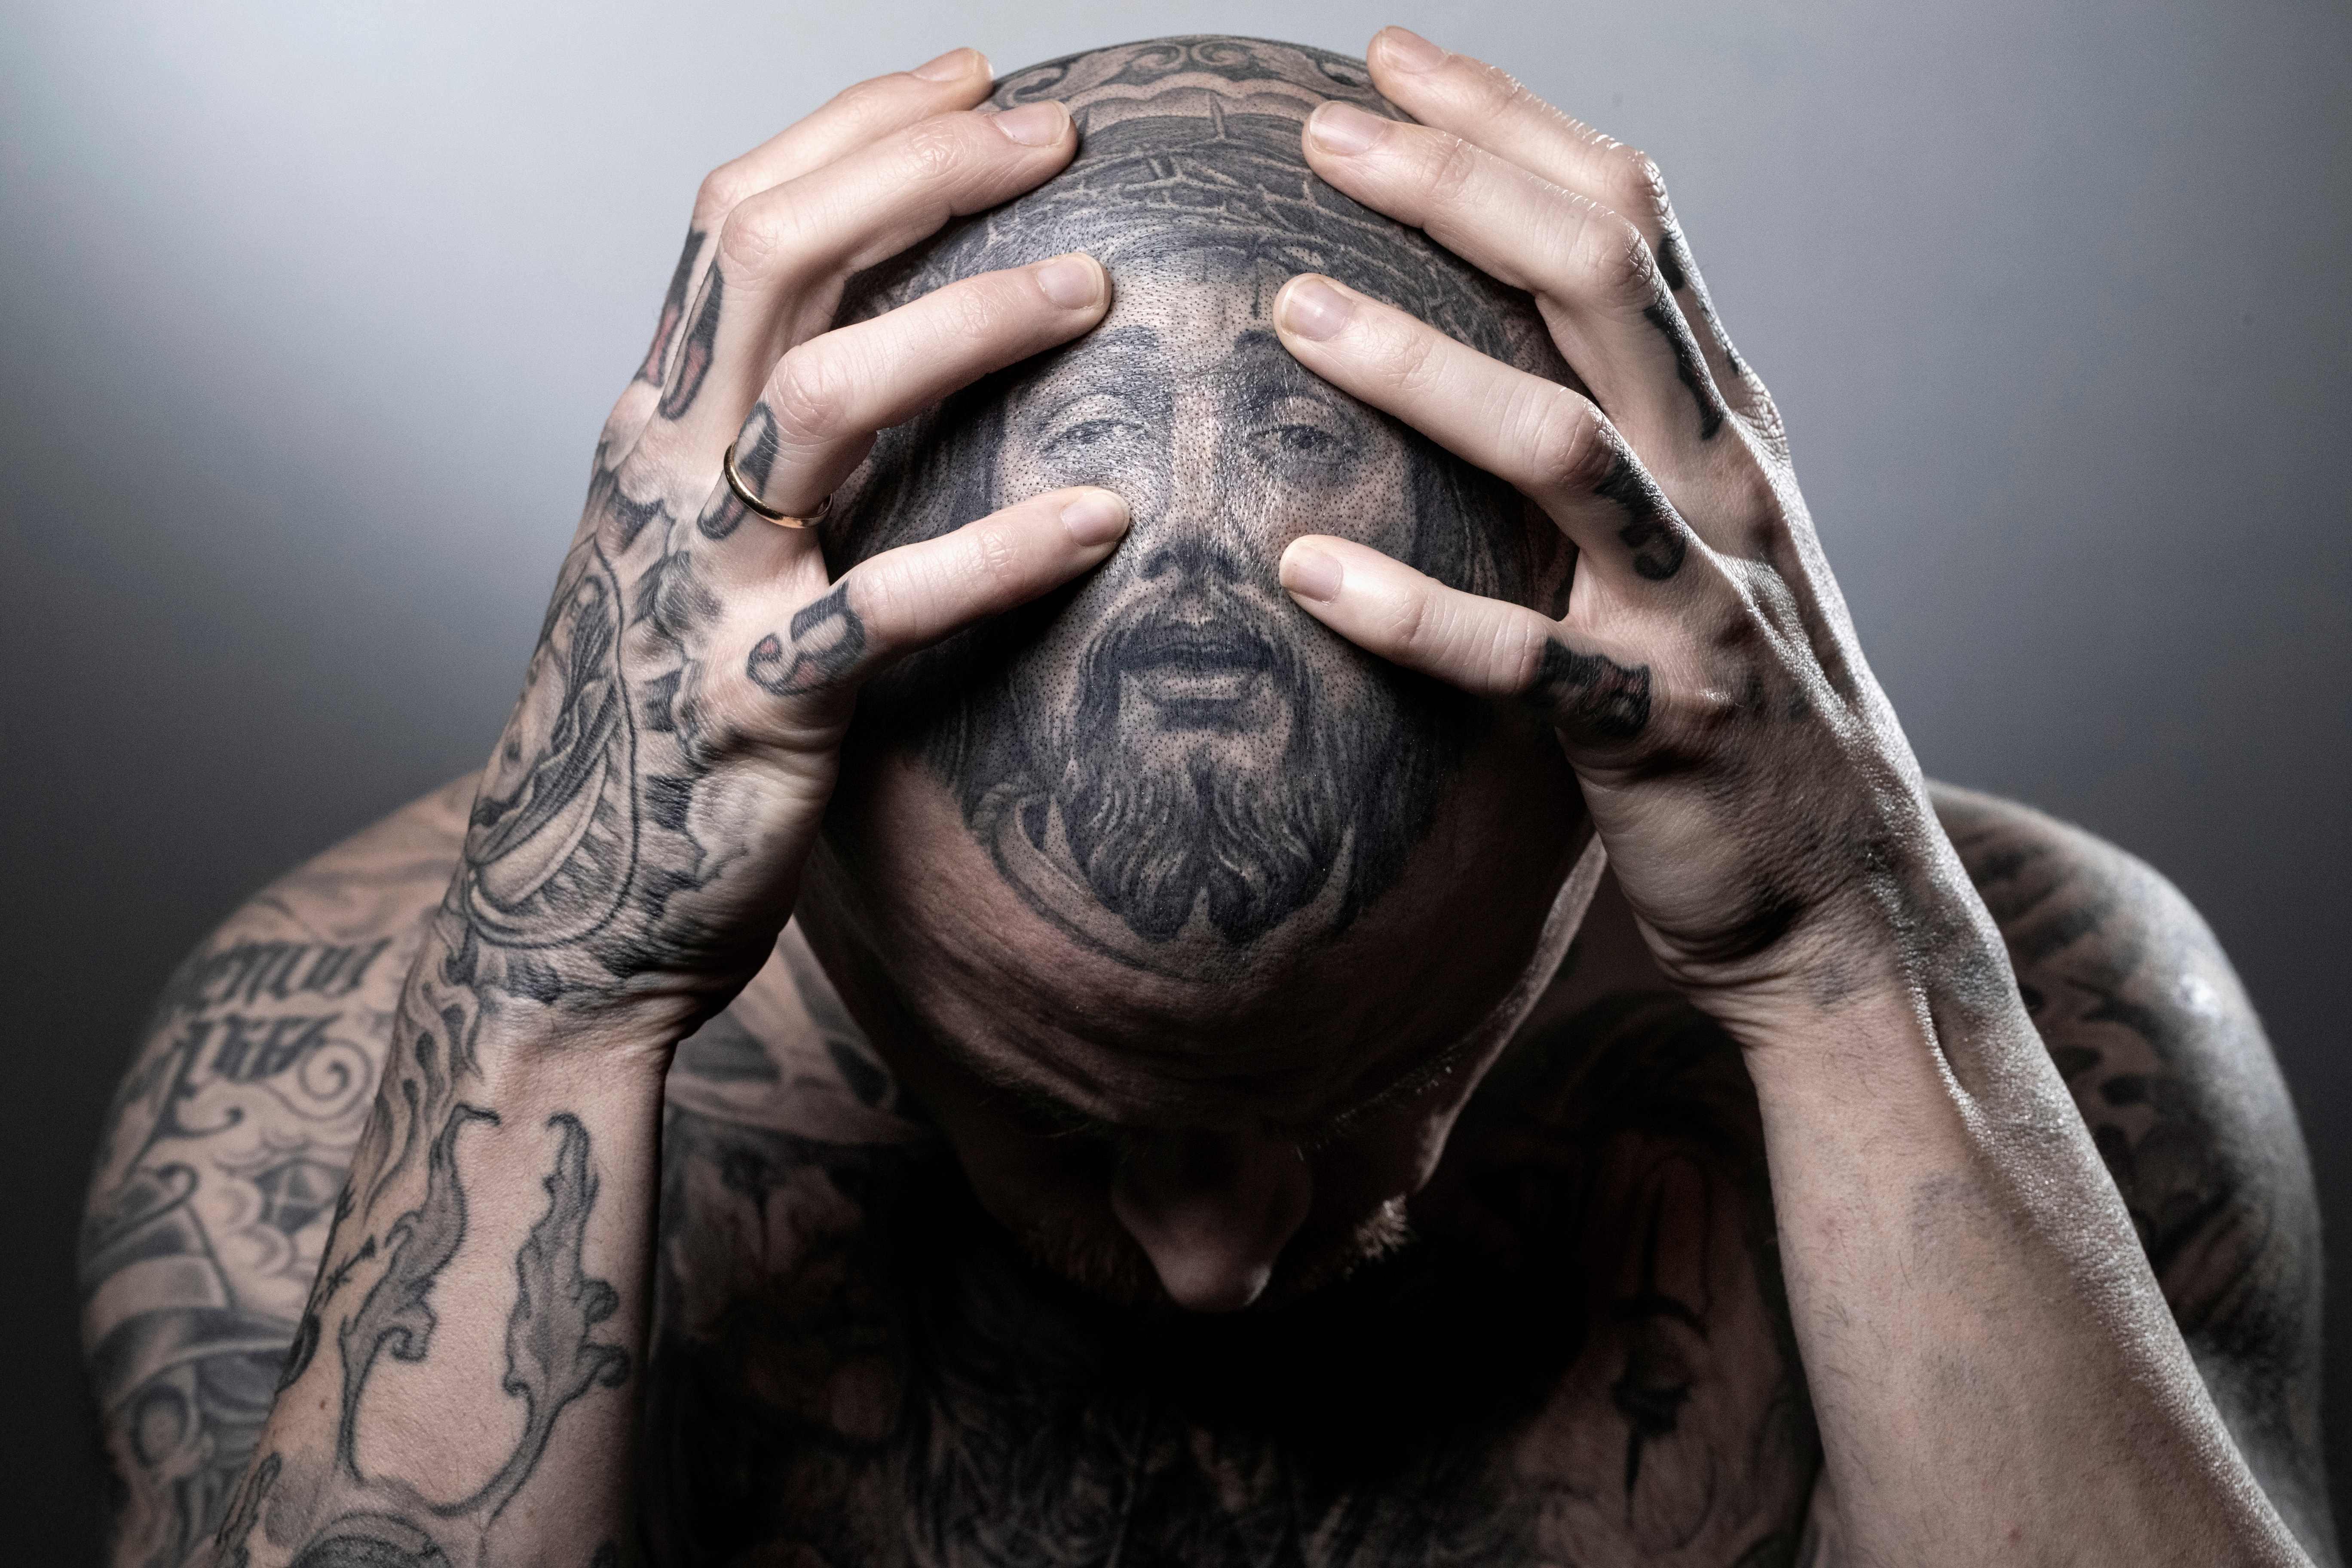 El artista español Juan Sanchez posa para una sesión fotográfica durante la convención mundial del tatuaje, en Francia.